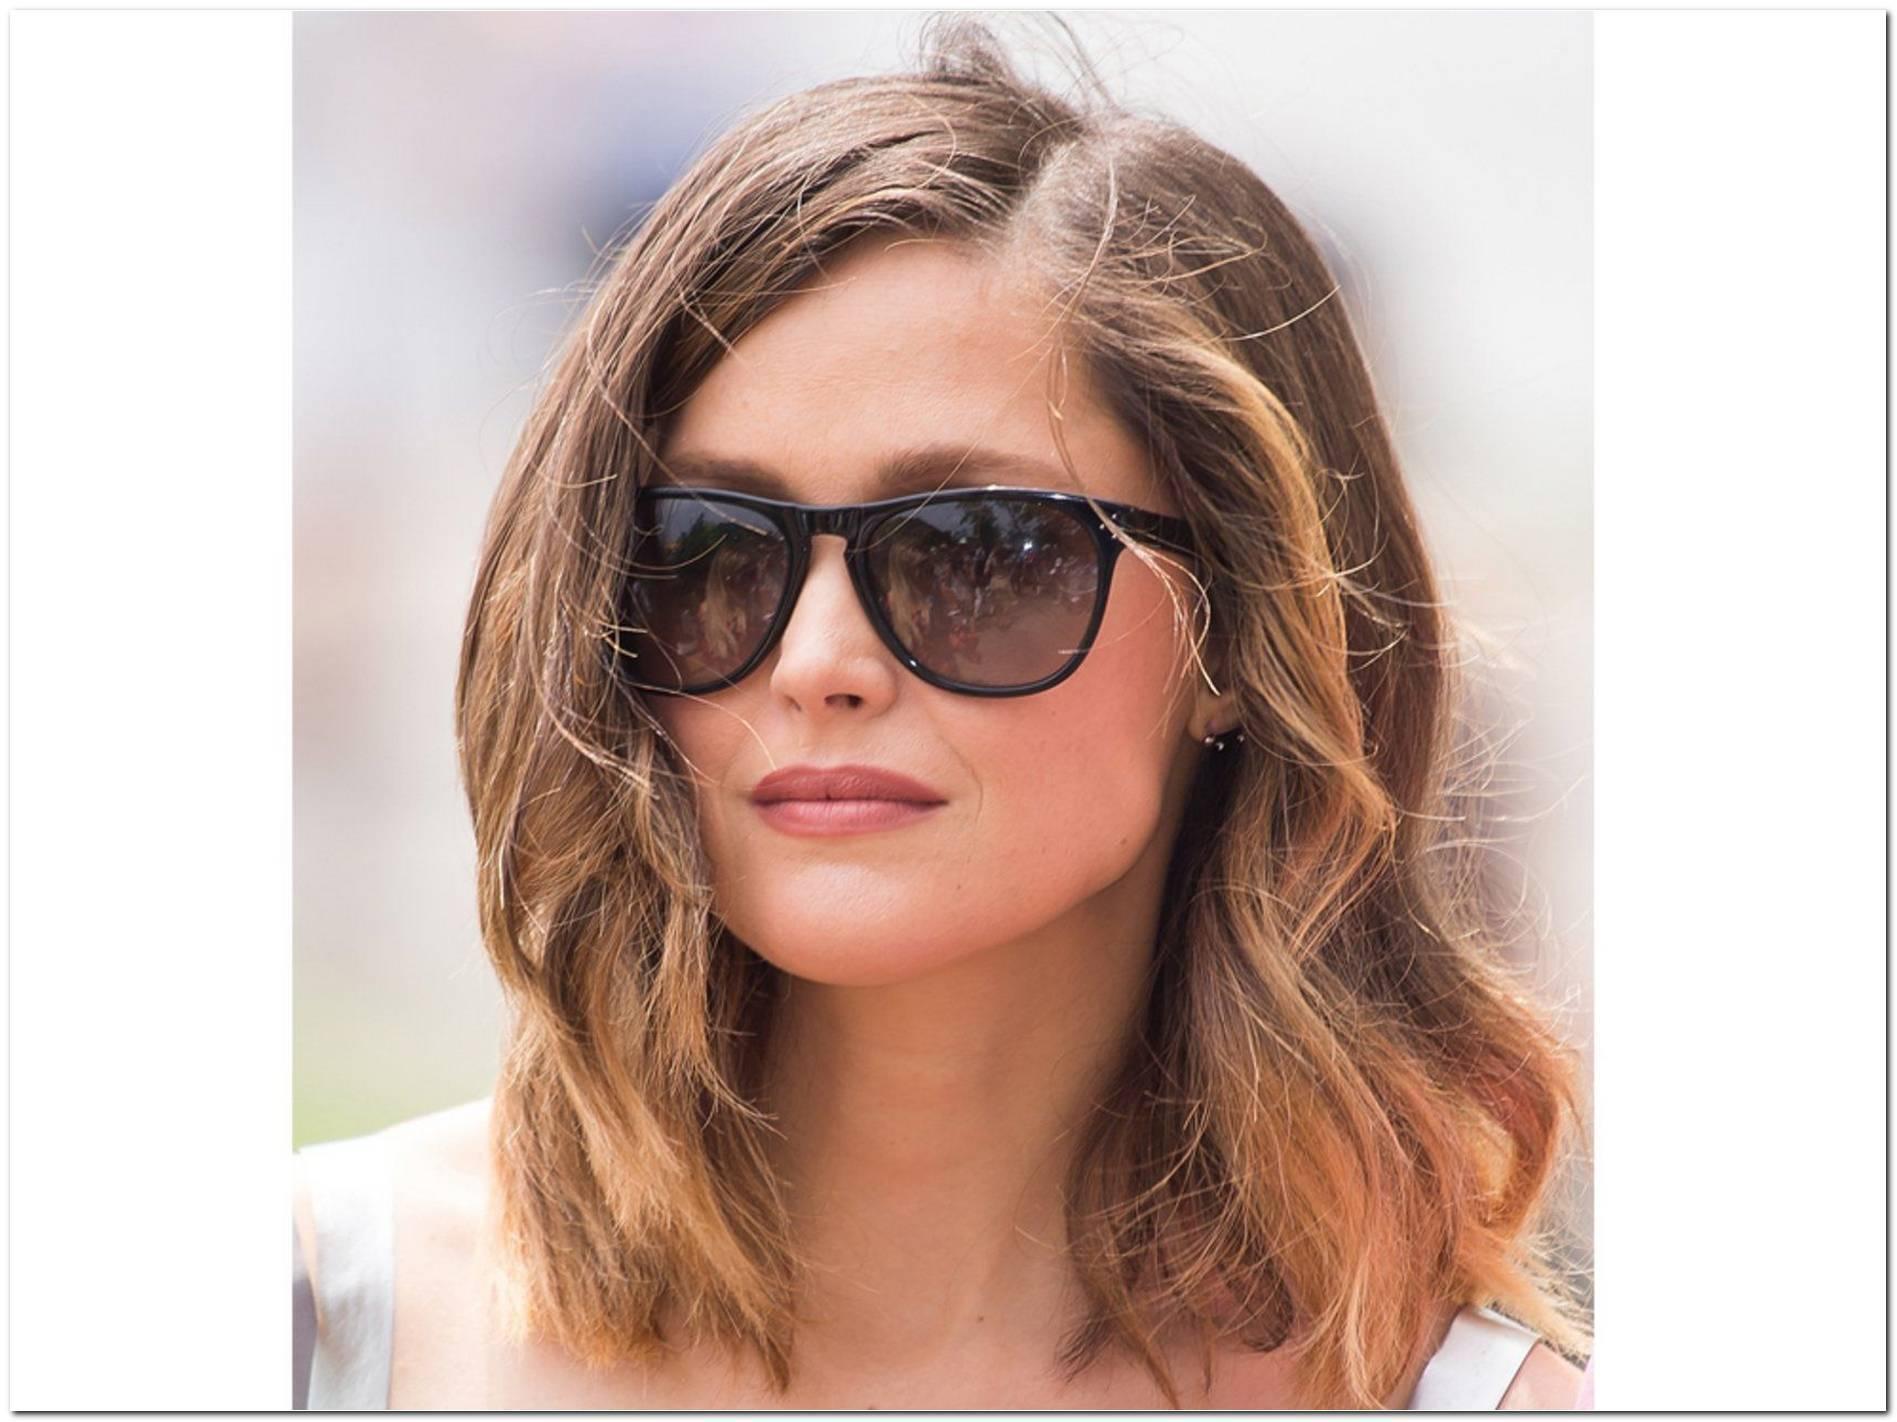 Welche Frisur LäSst Das Gesicht Schmaler Wirken